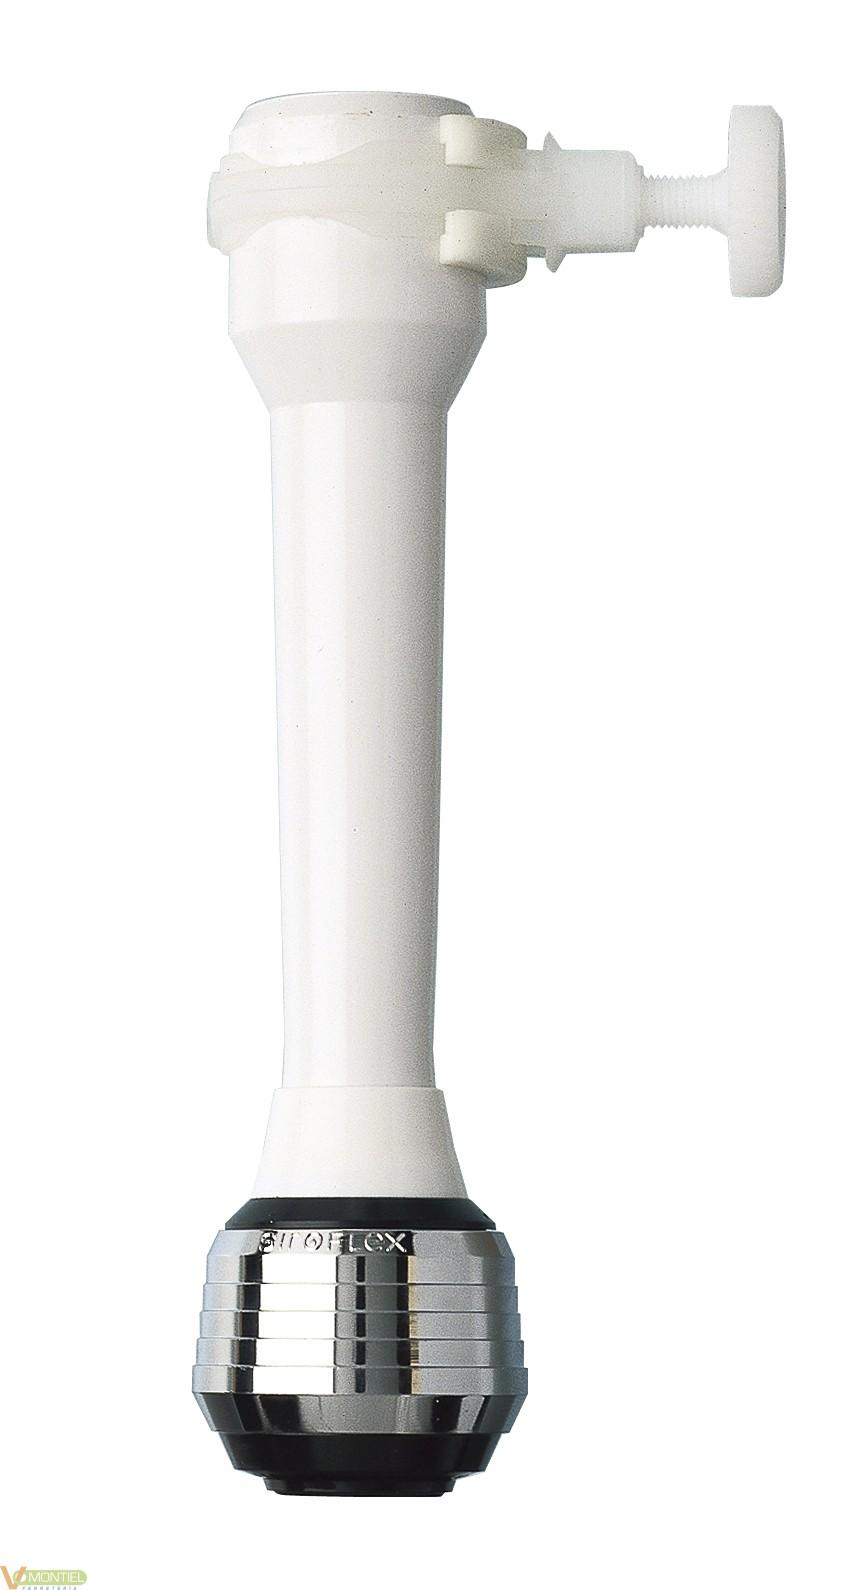 Atomizador largo siroflex-0